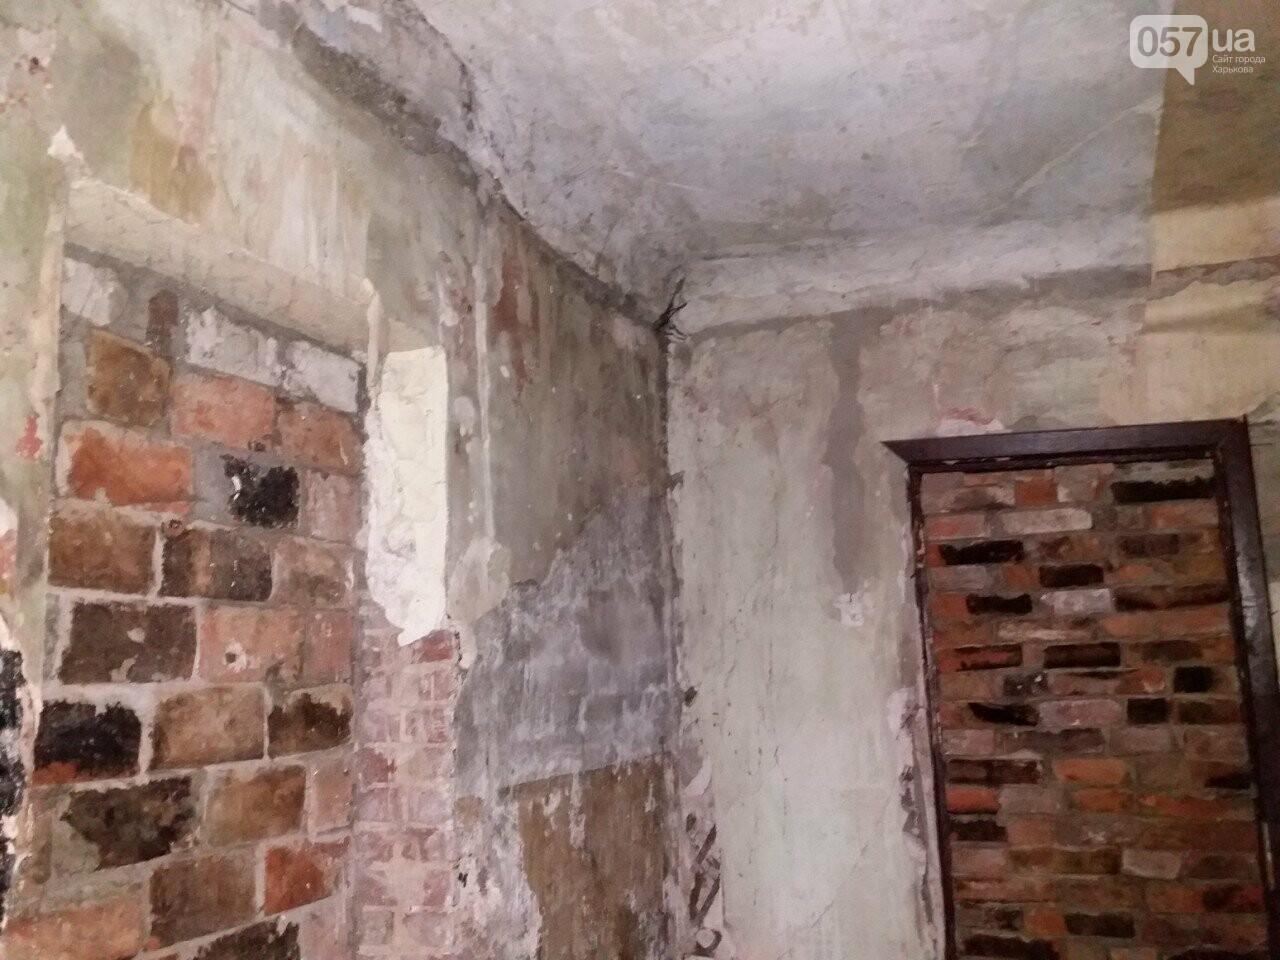 10 лет без ремонта: почему в Харькове не спешат восстанавливать аварийный дом, - ФОТО, фото-11